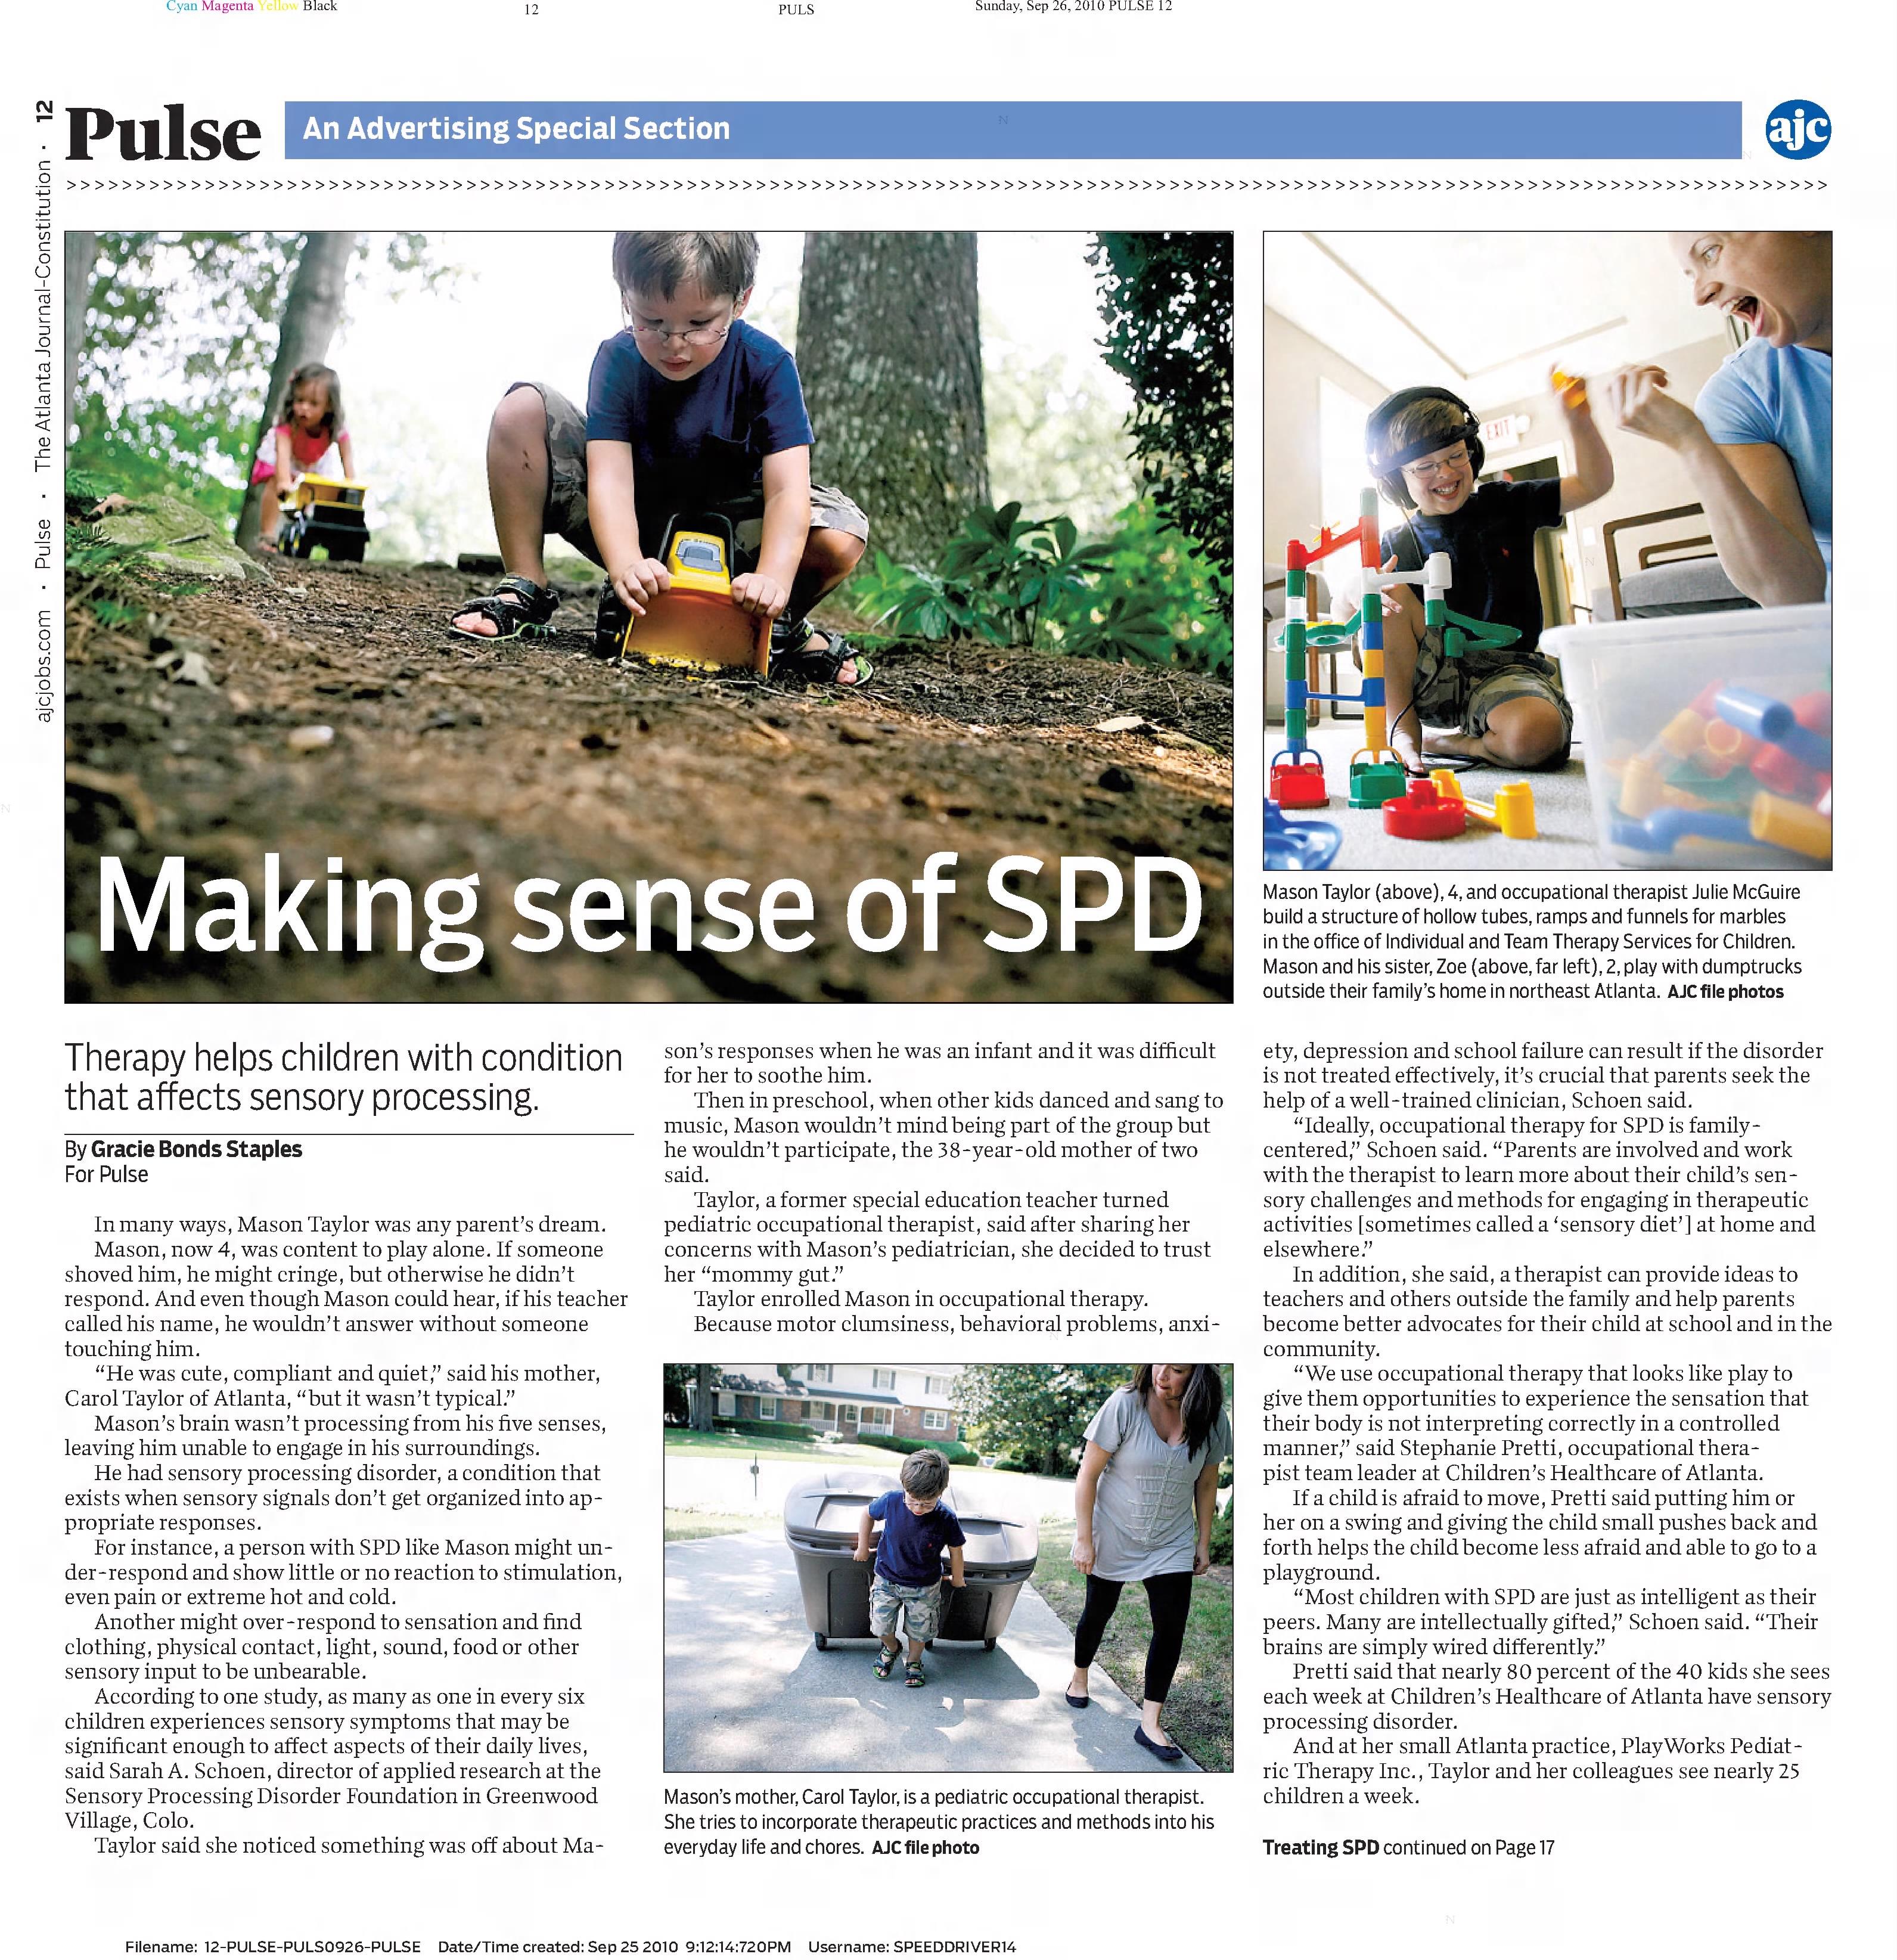 Making sense of SPD